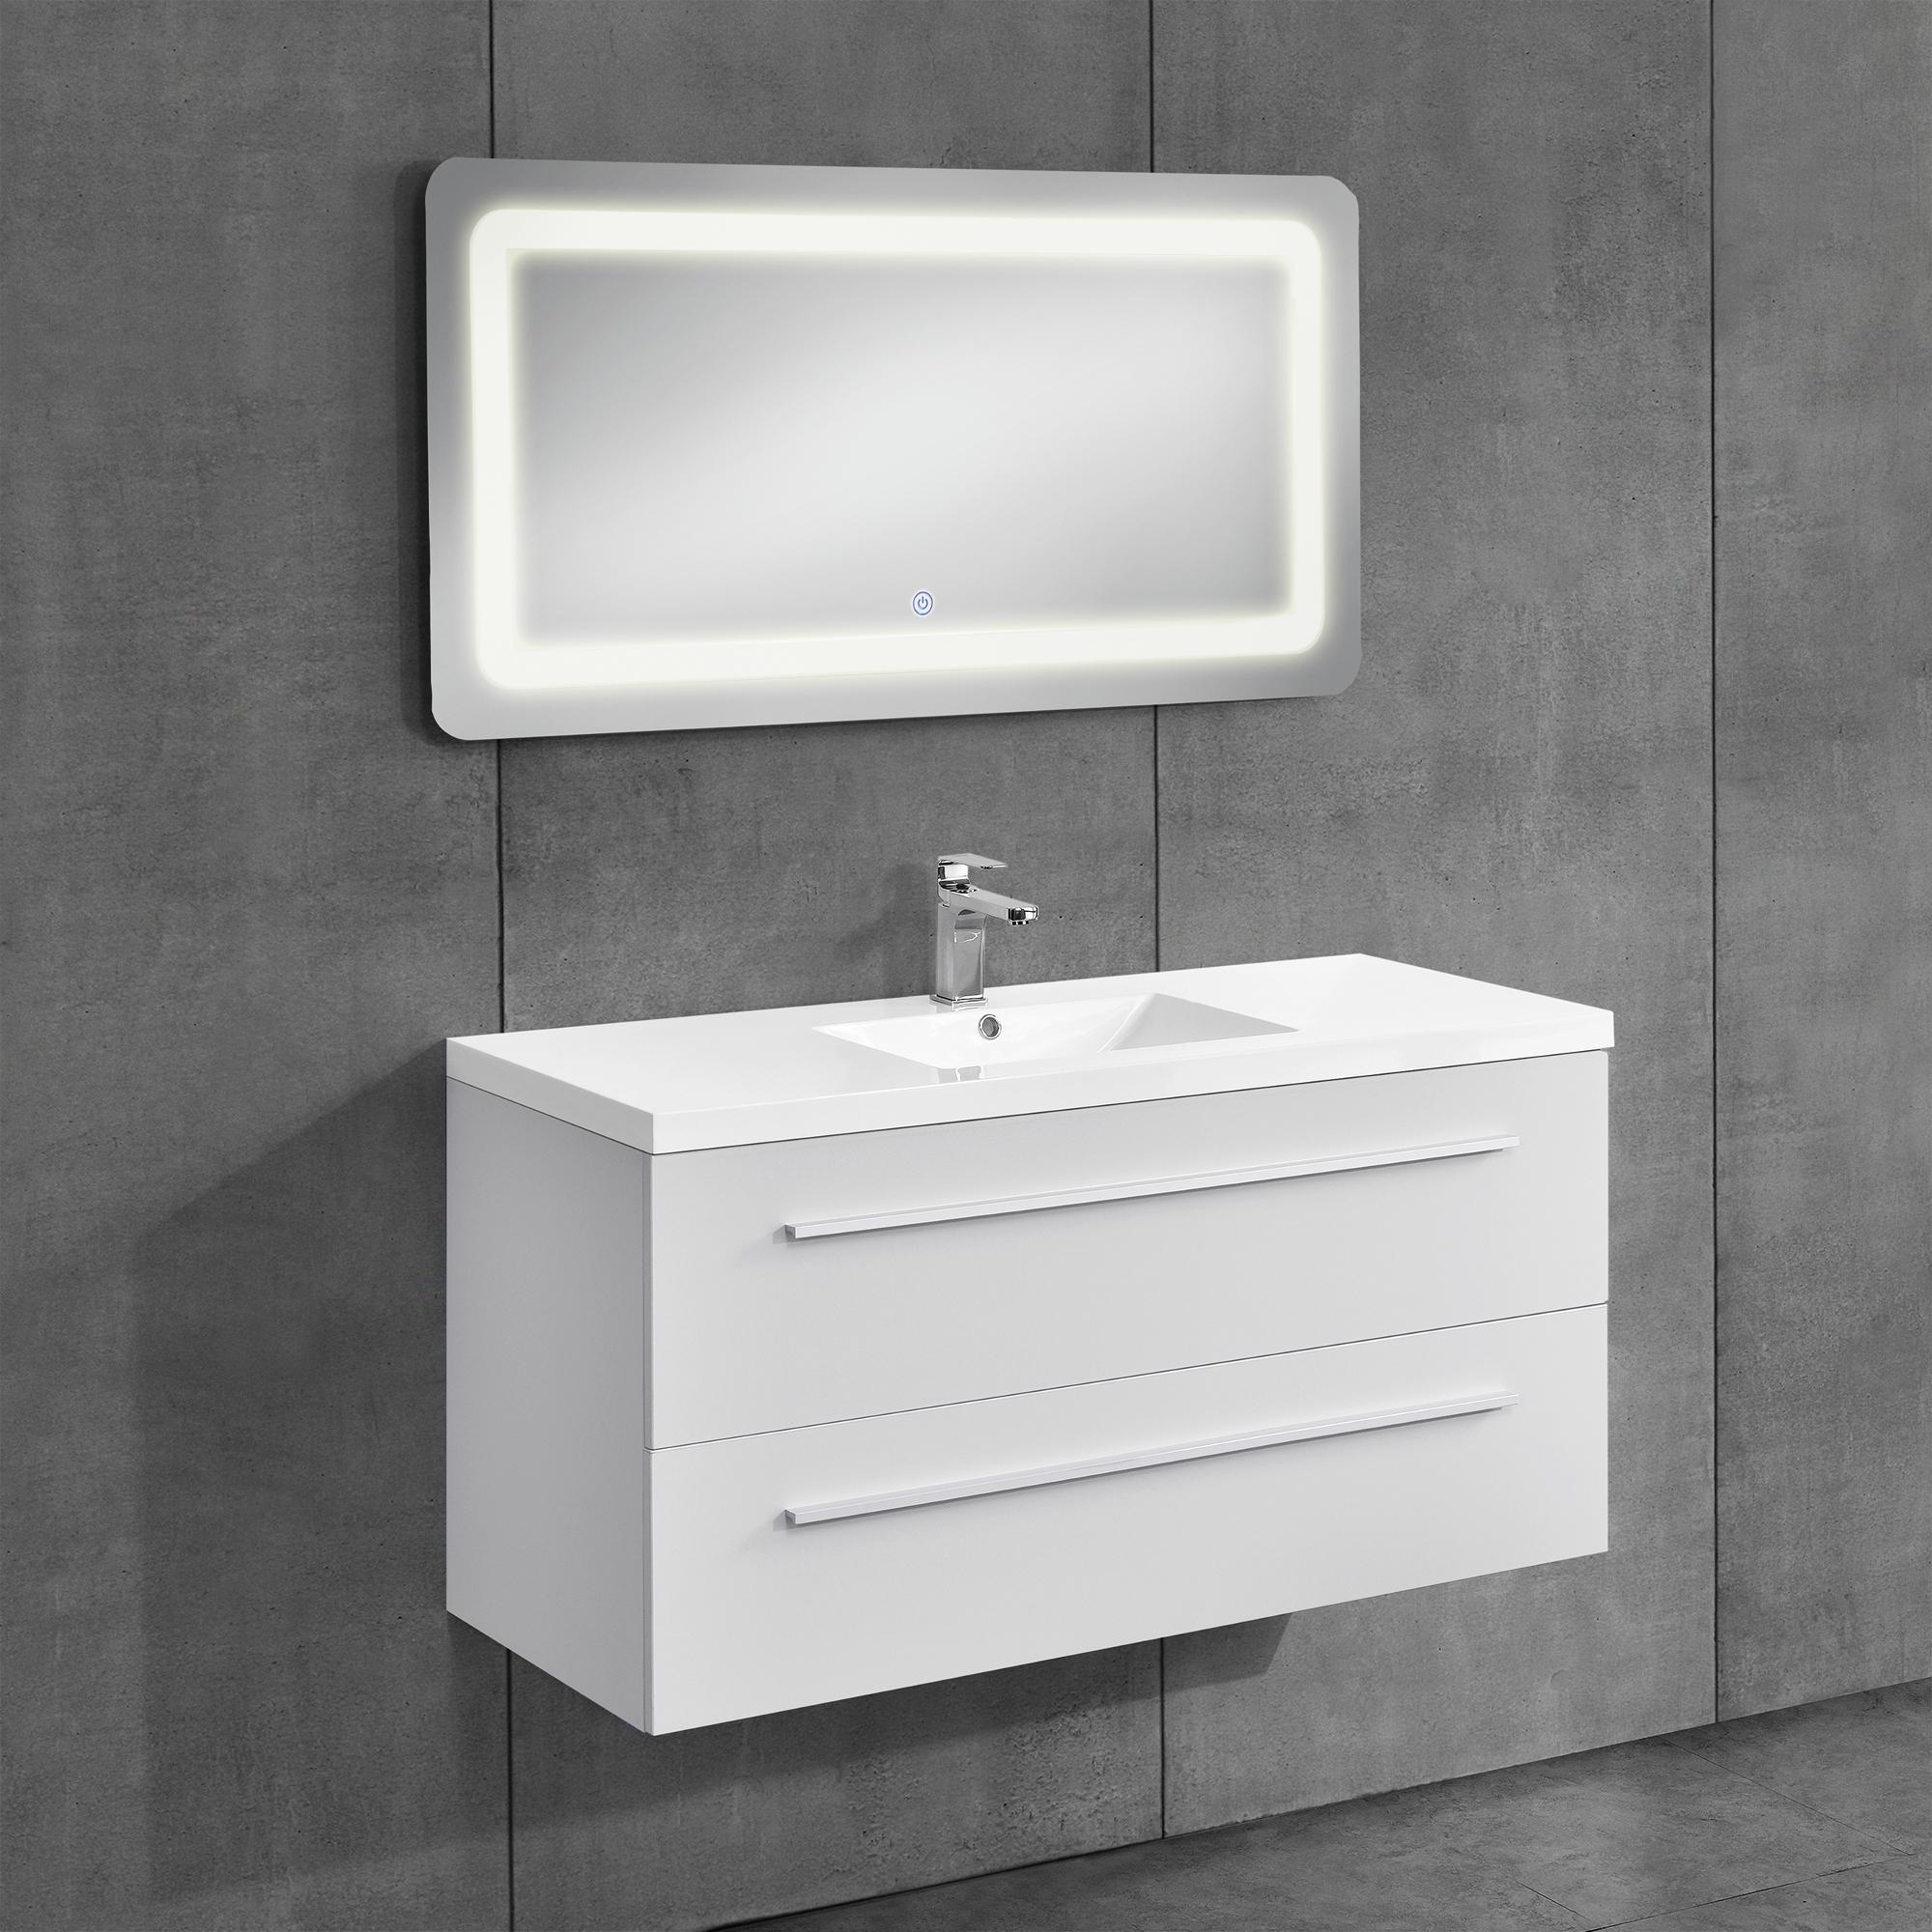 Armadio da bagno armadio sotto lavabo bianco for Armadio x bagno